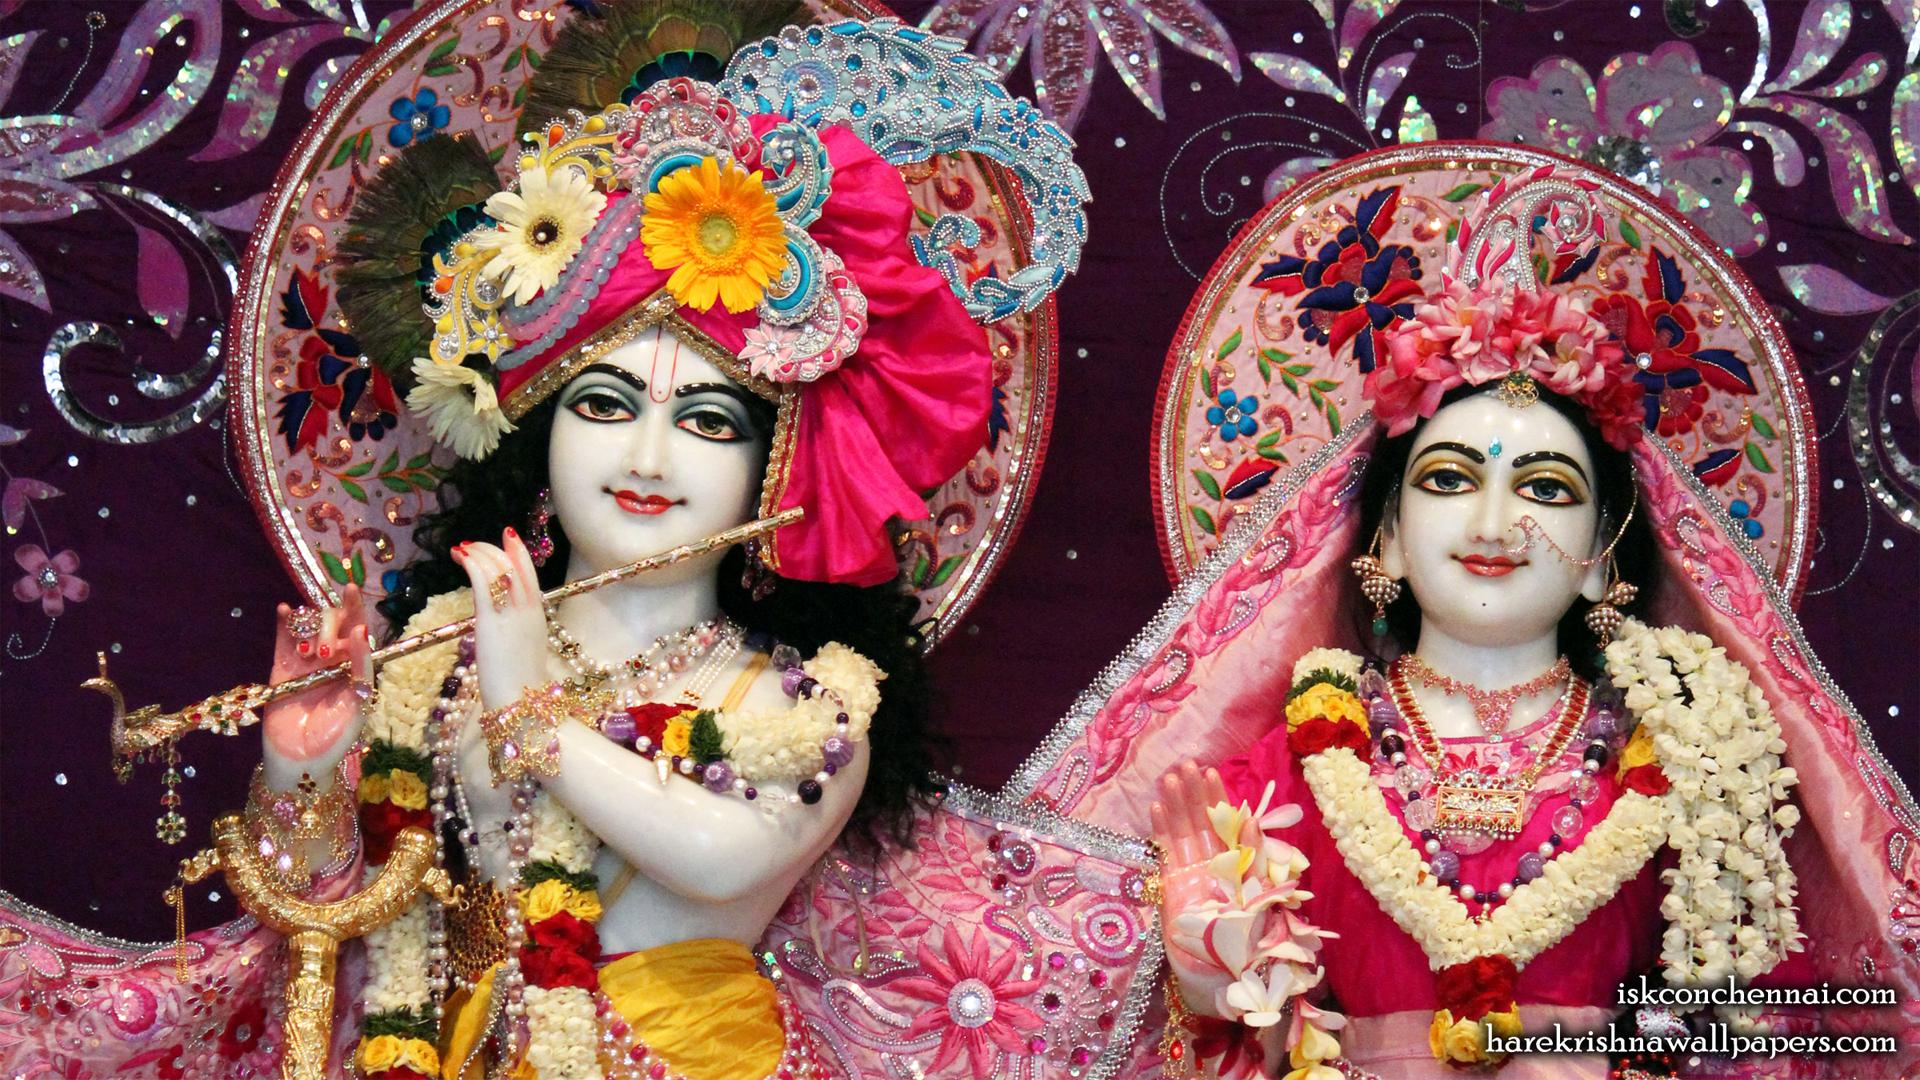 Sri Sri Radha Krishna Close up Wallpaper (001) Size 1920x1080 Download